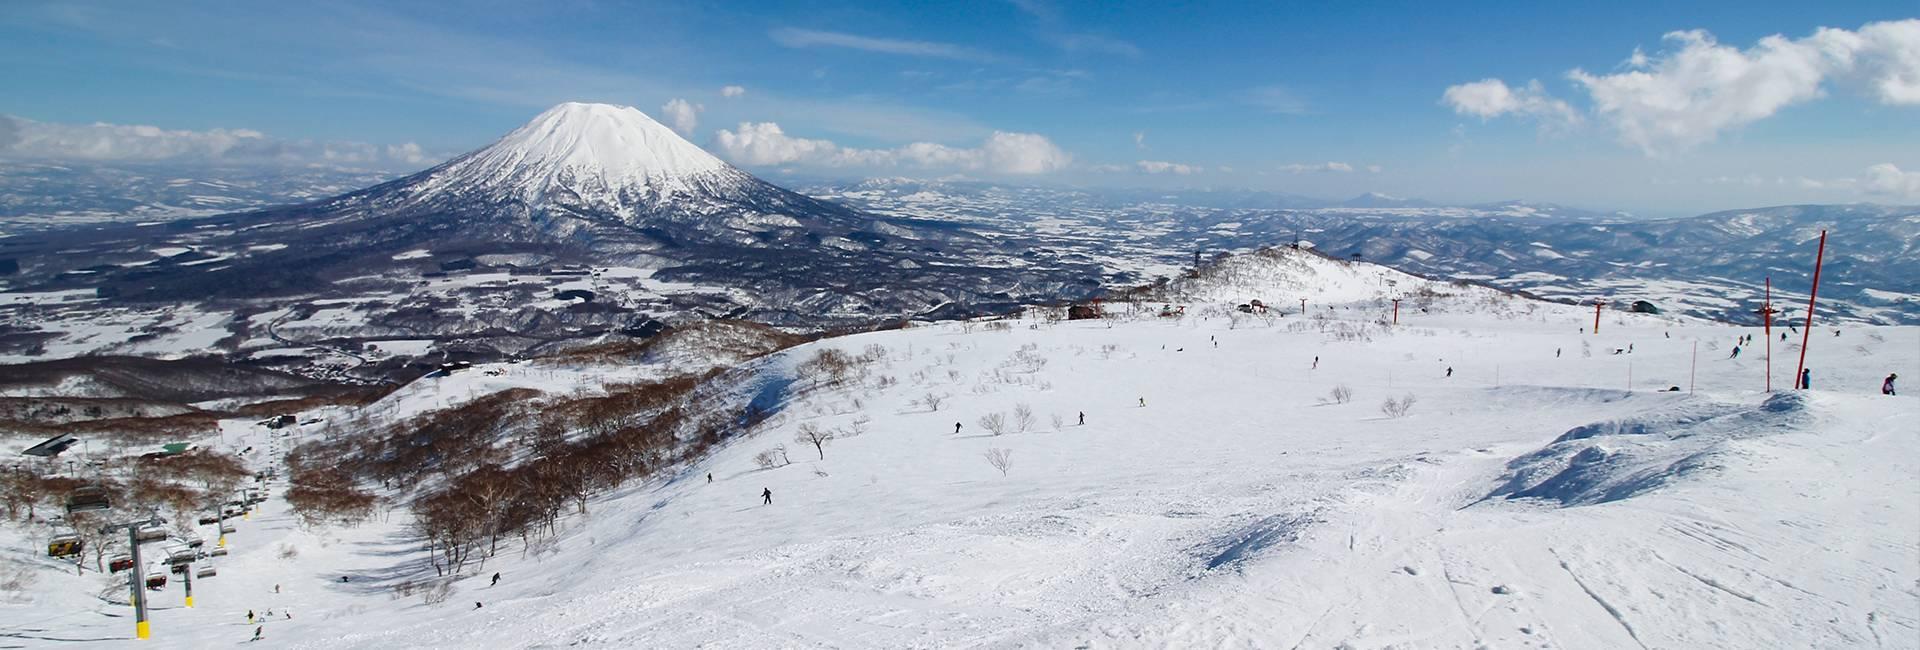 le mont Yotei à Niseko